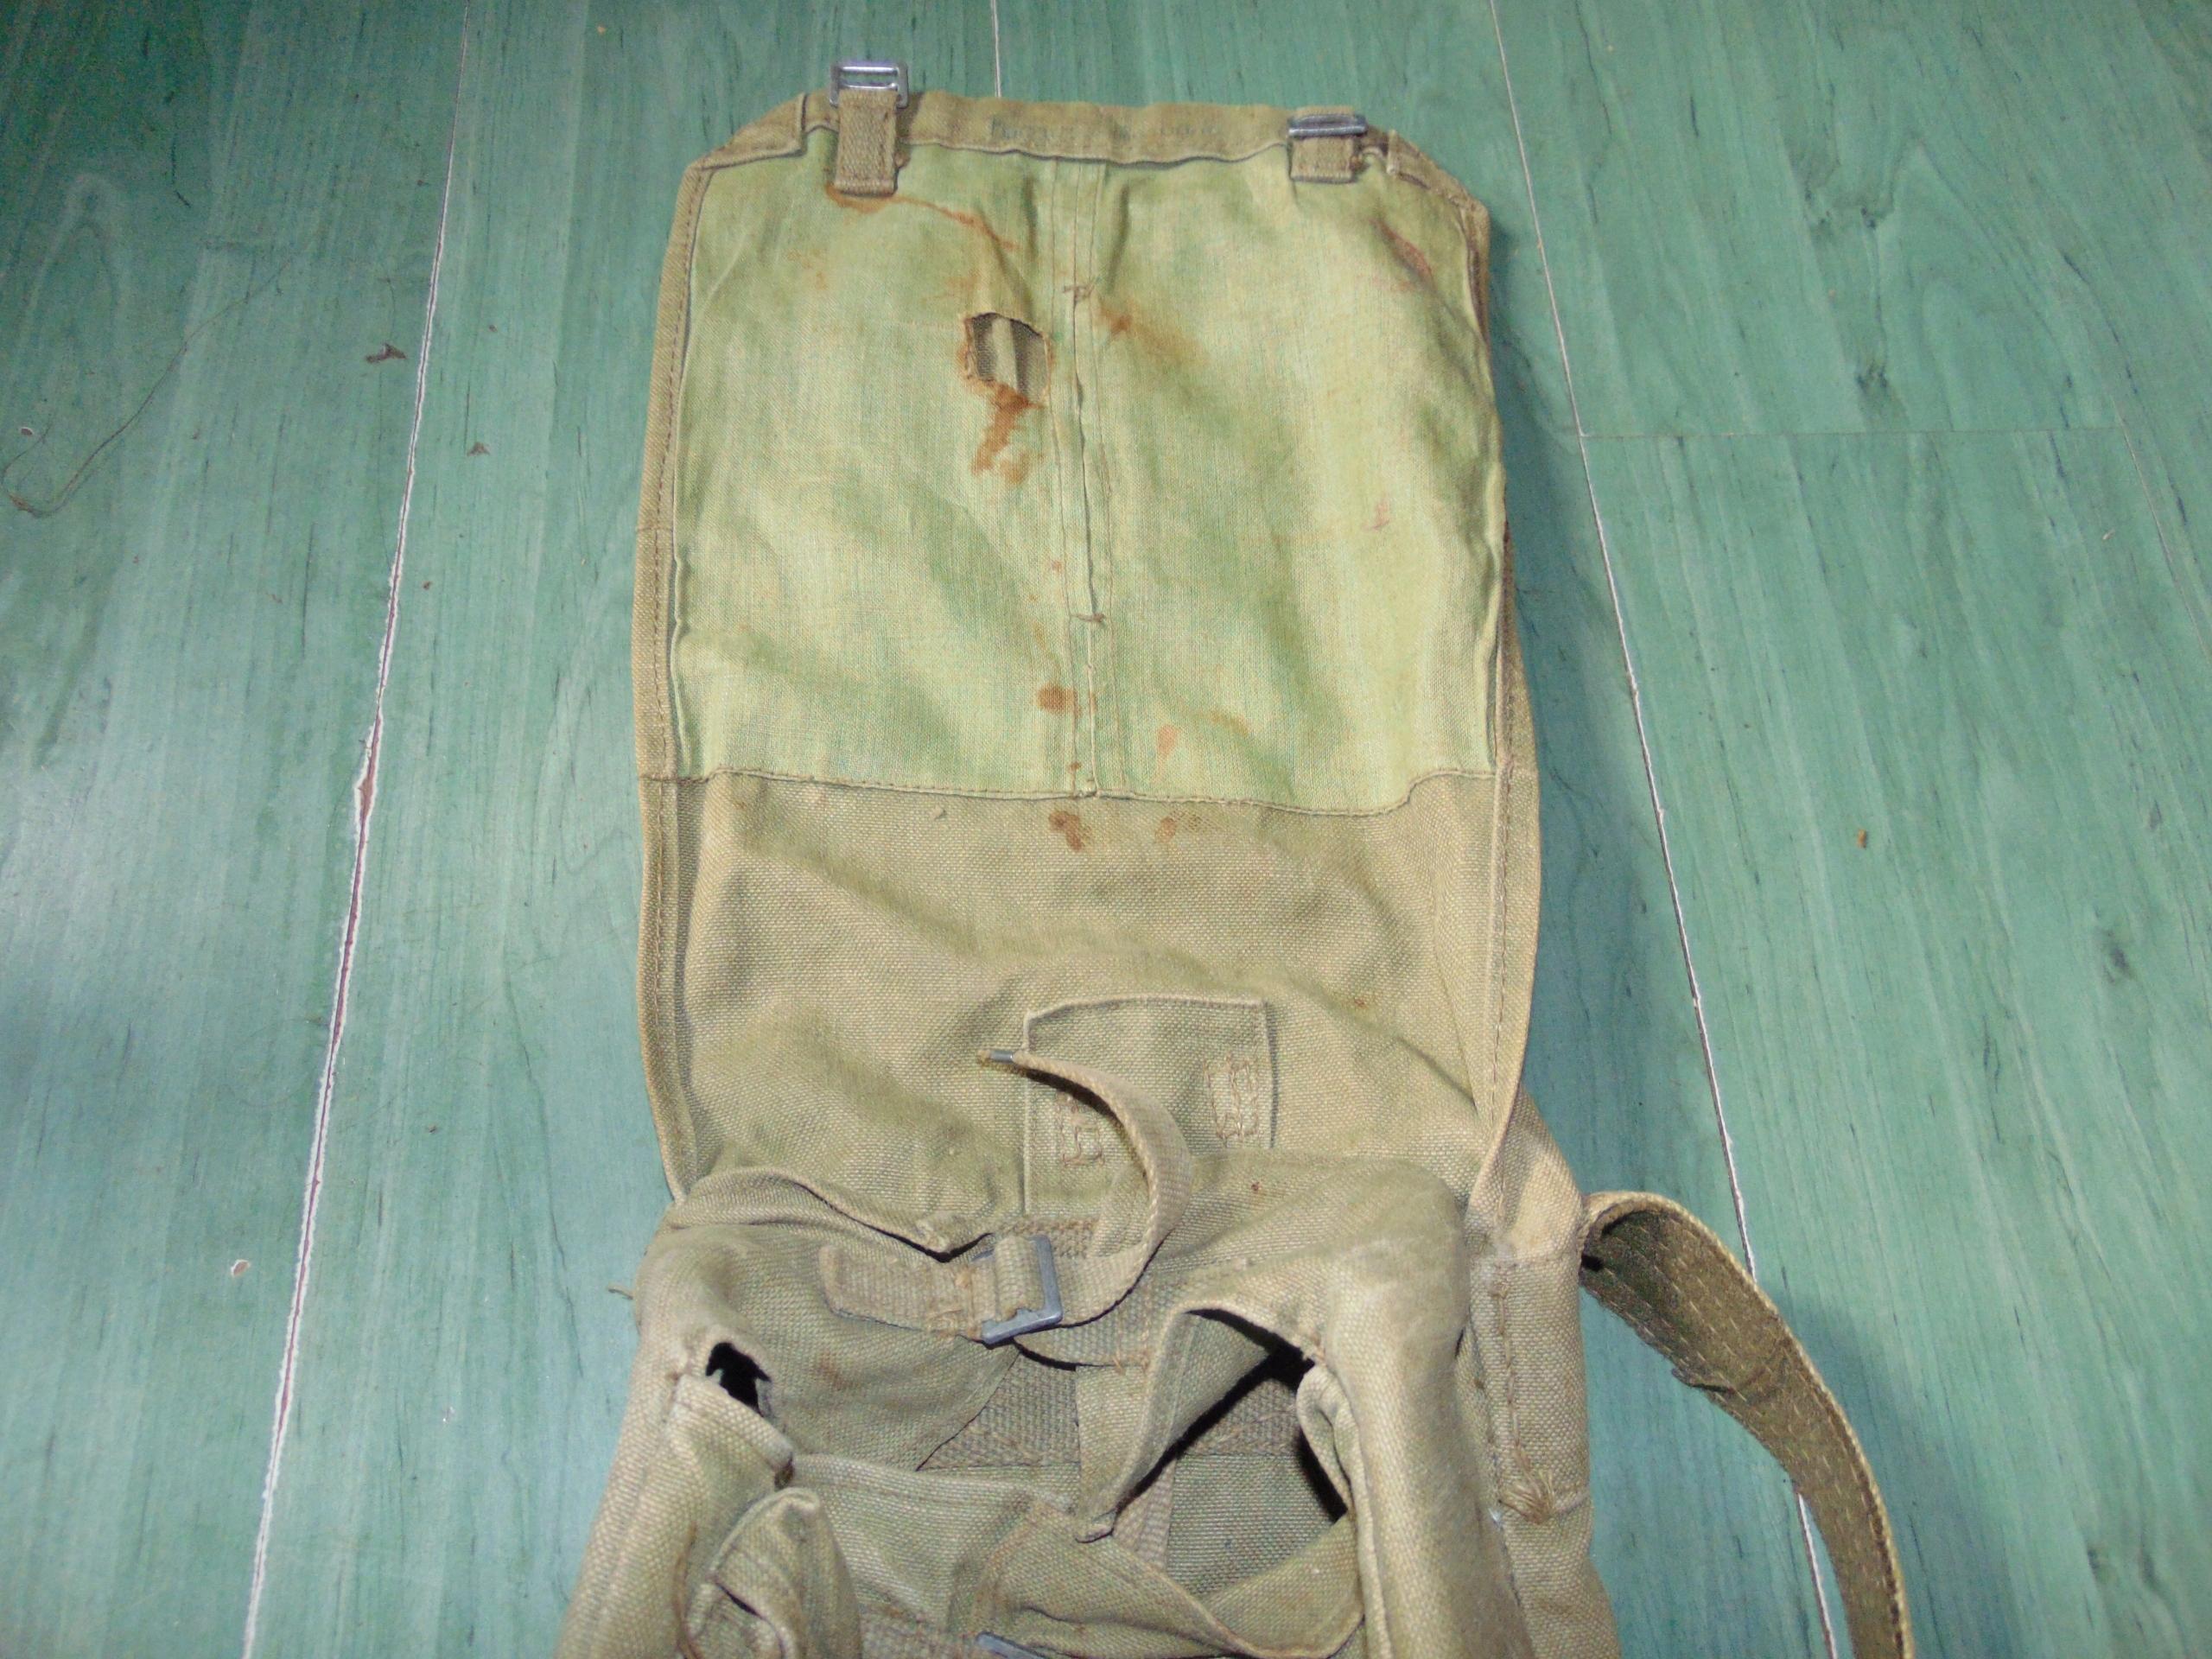 cfd1a0040744c Tornister wzór 33 WP/LWP plecak kostka - 7577553359 - oficjalne ...